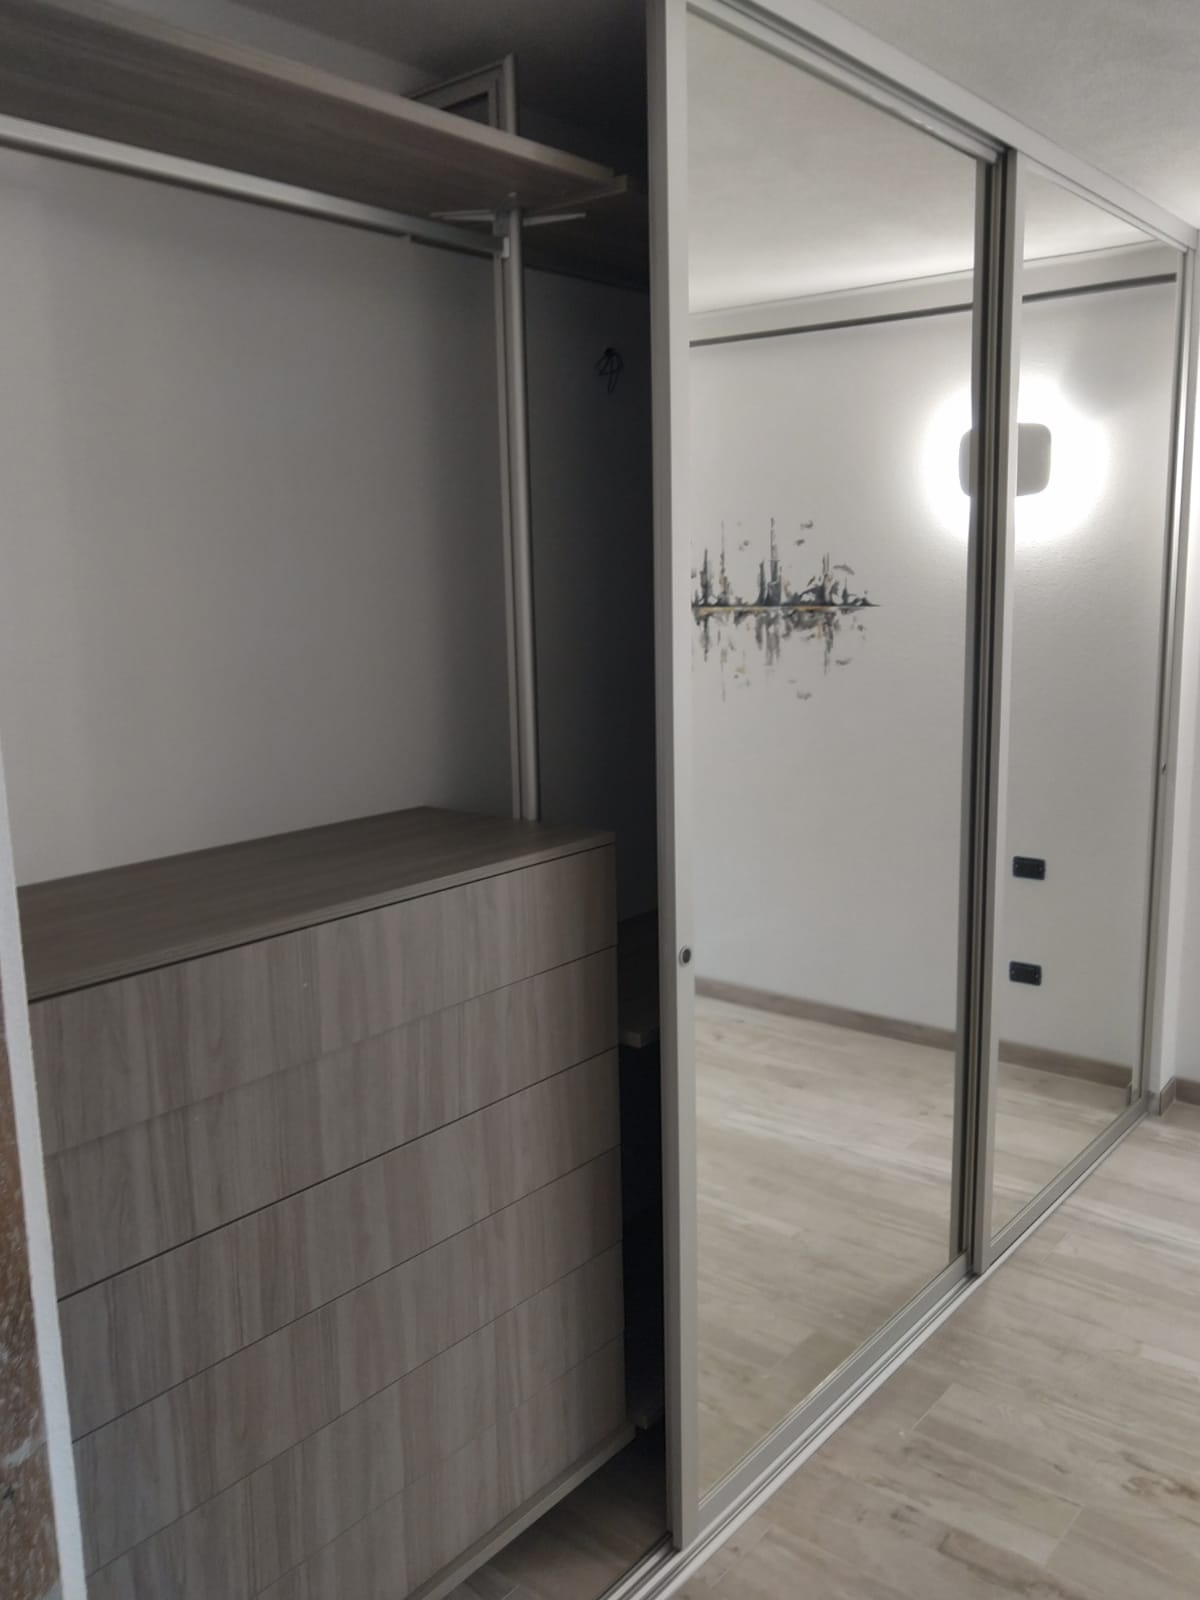 Lavori realizzati linea domus arredamenti for Arredamenti nascimben lino srl